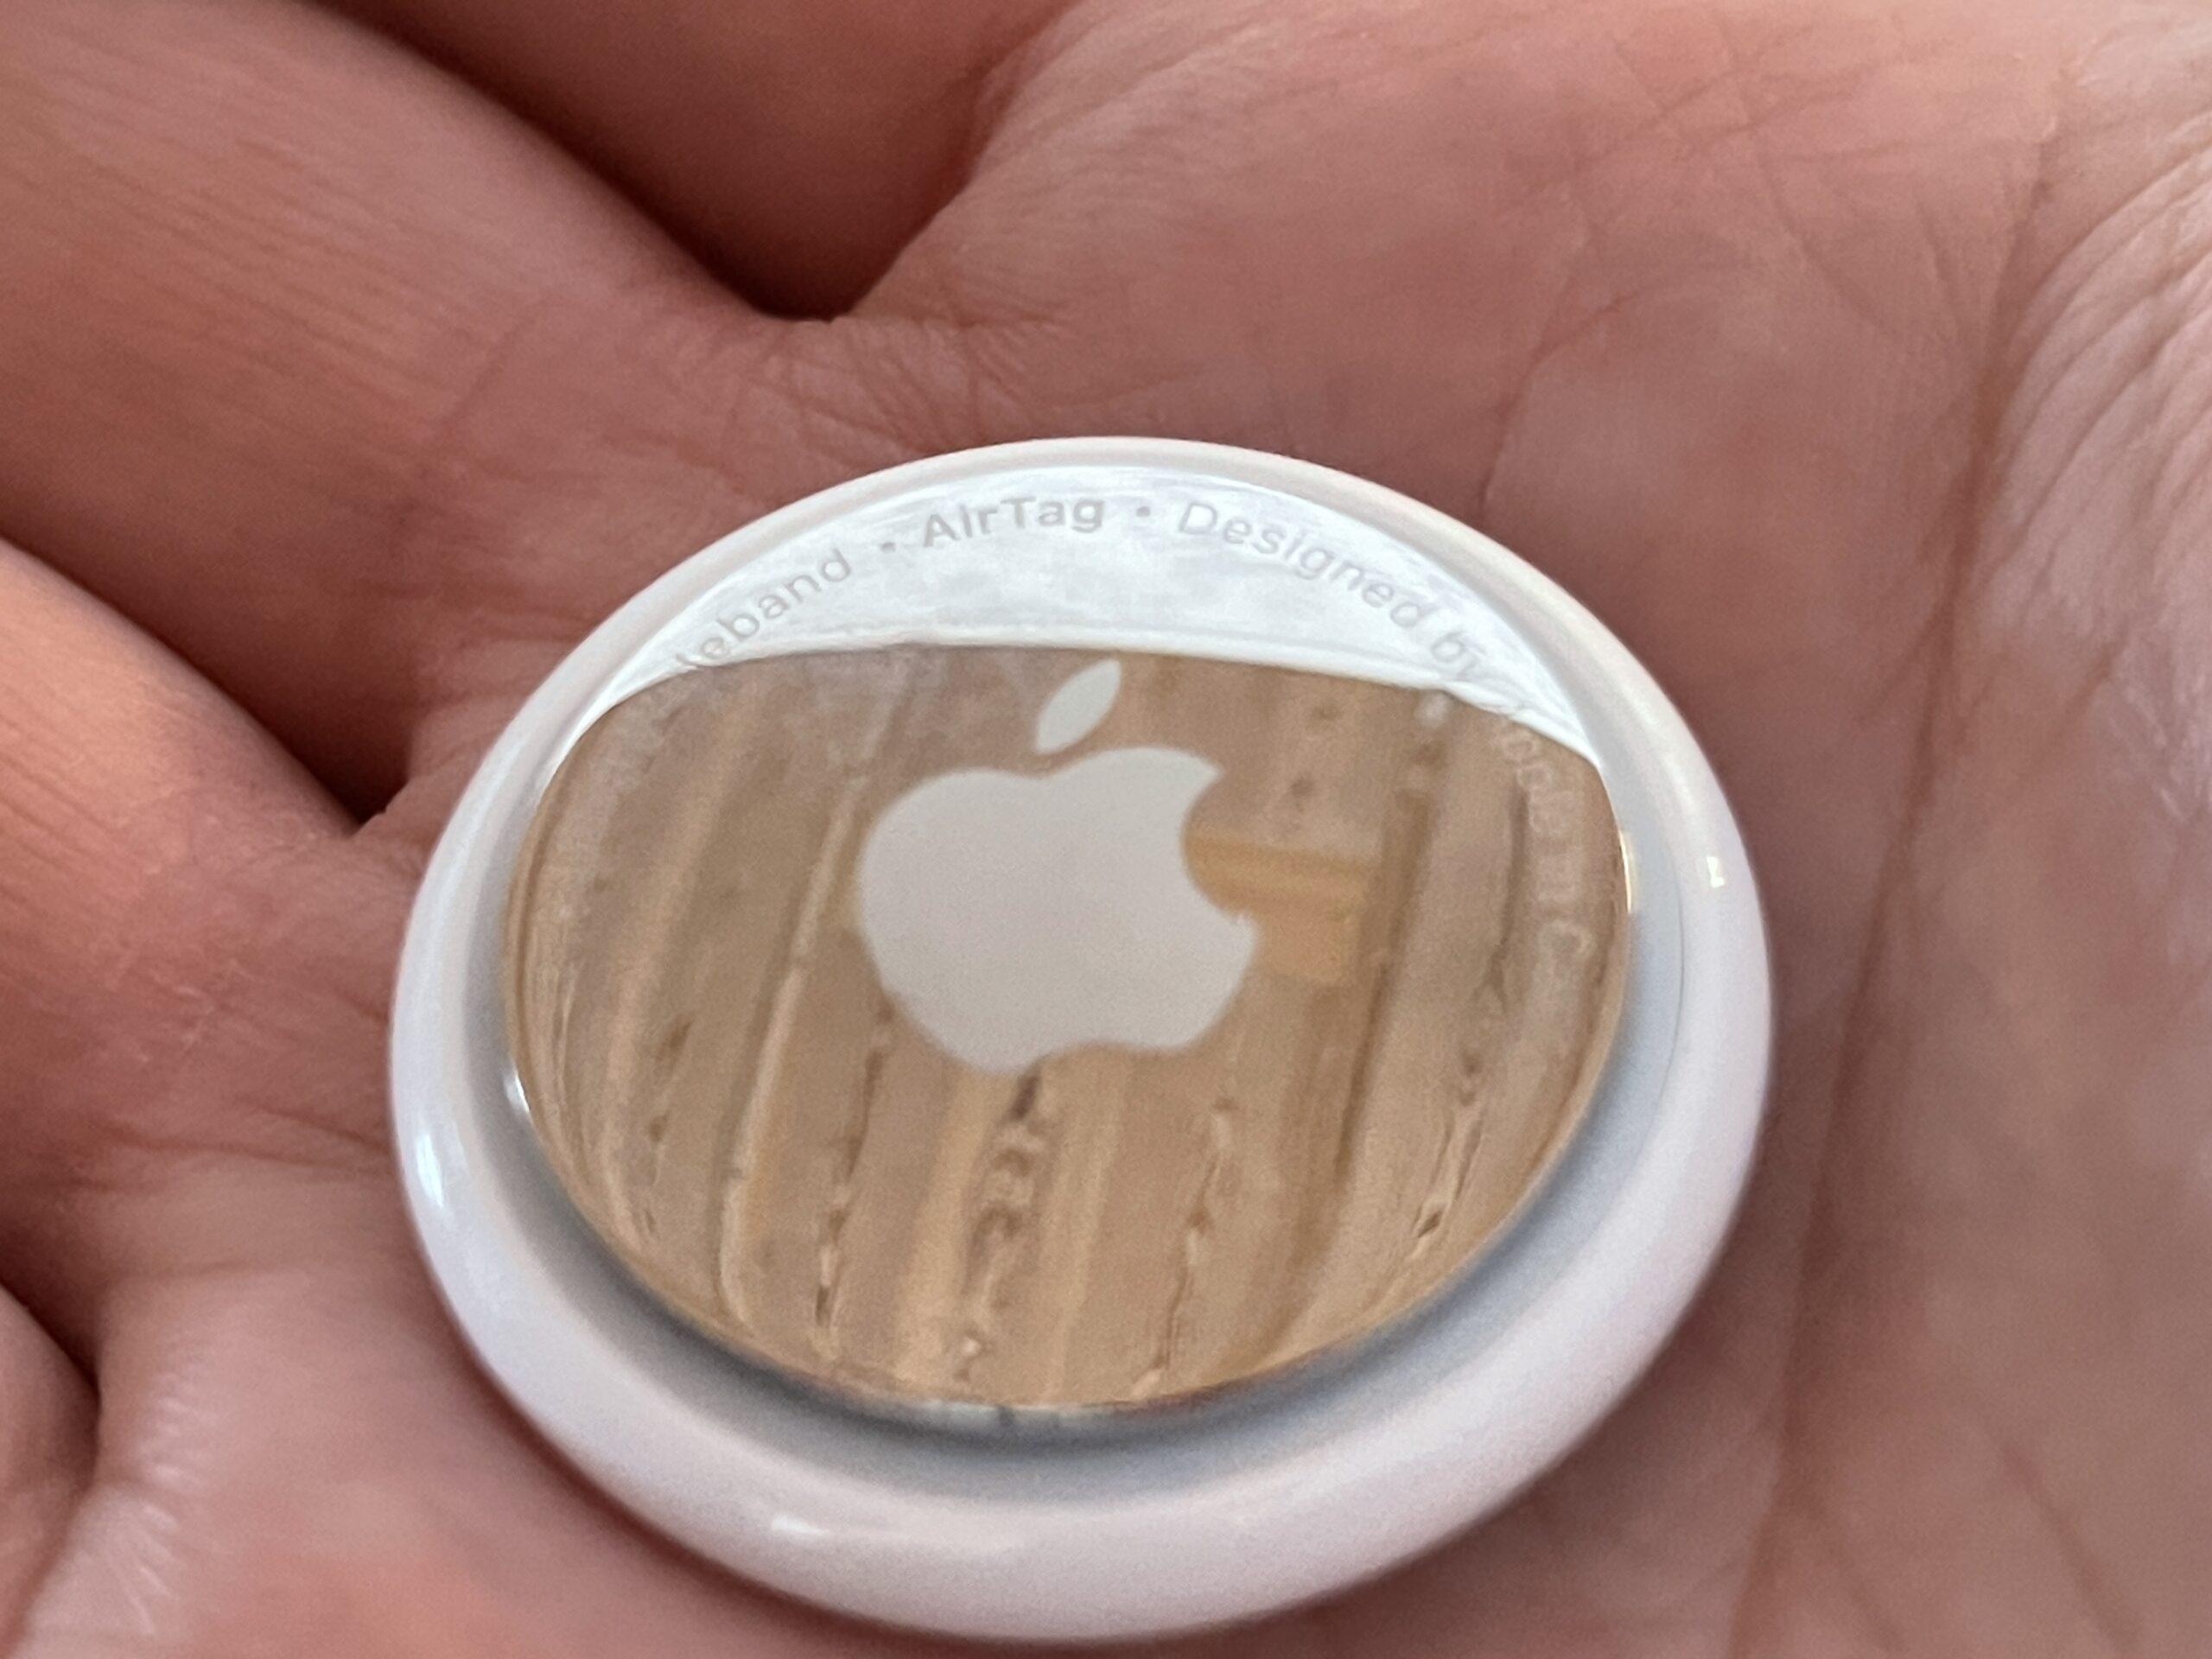 Apple AirTag – Lika användbar som onödig!